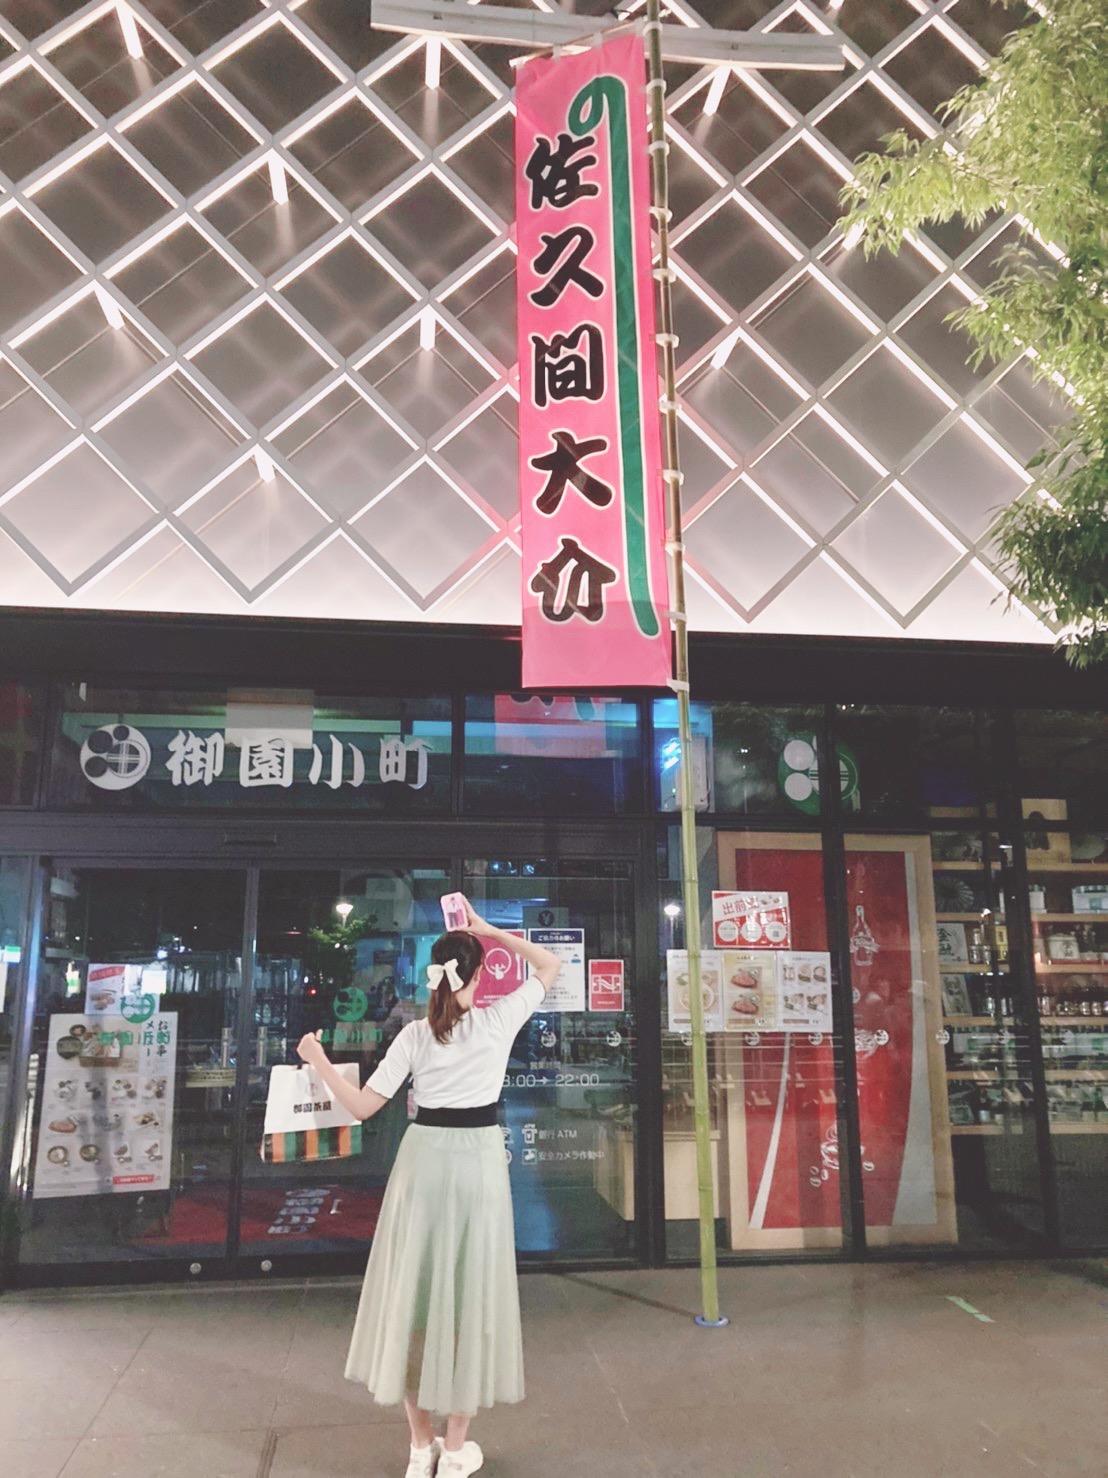 「佐久間大介」ののぼりと、その横に女性が立っている。愛知県の御園座前で撮影